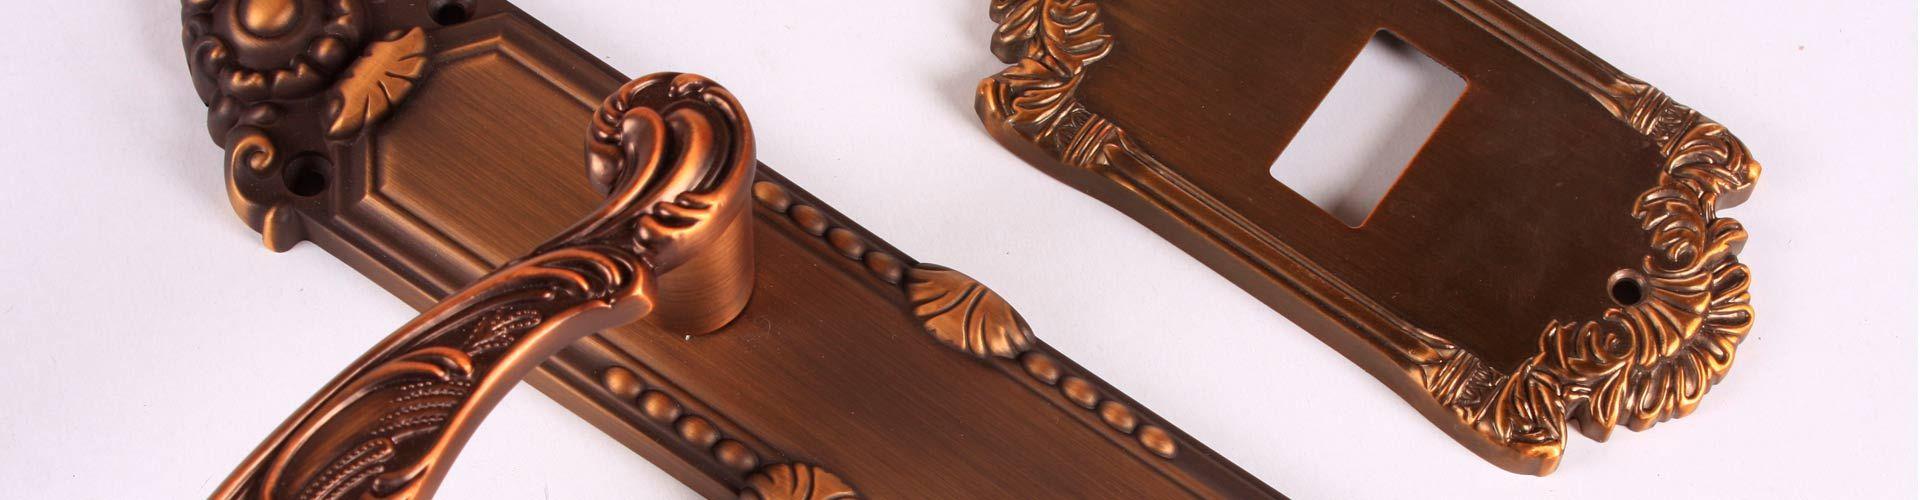 الملواني ديكور هوم الصفحة الرئيسية Accessories Fashion Belt